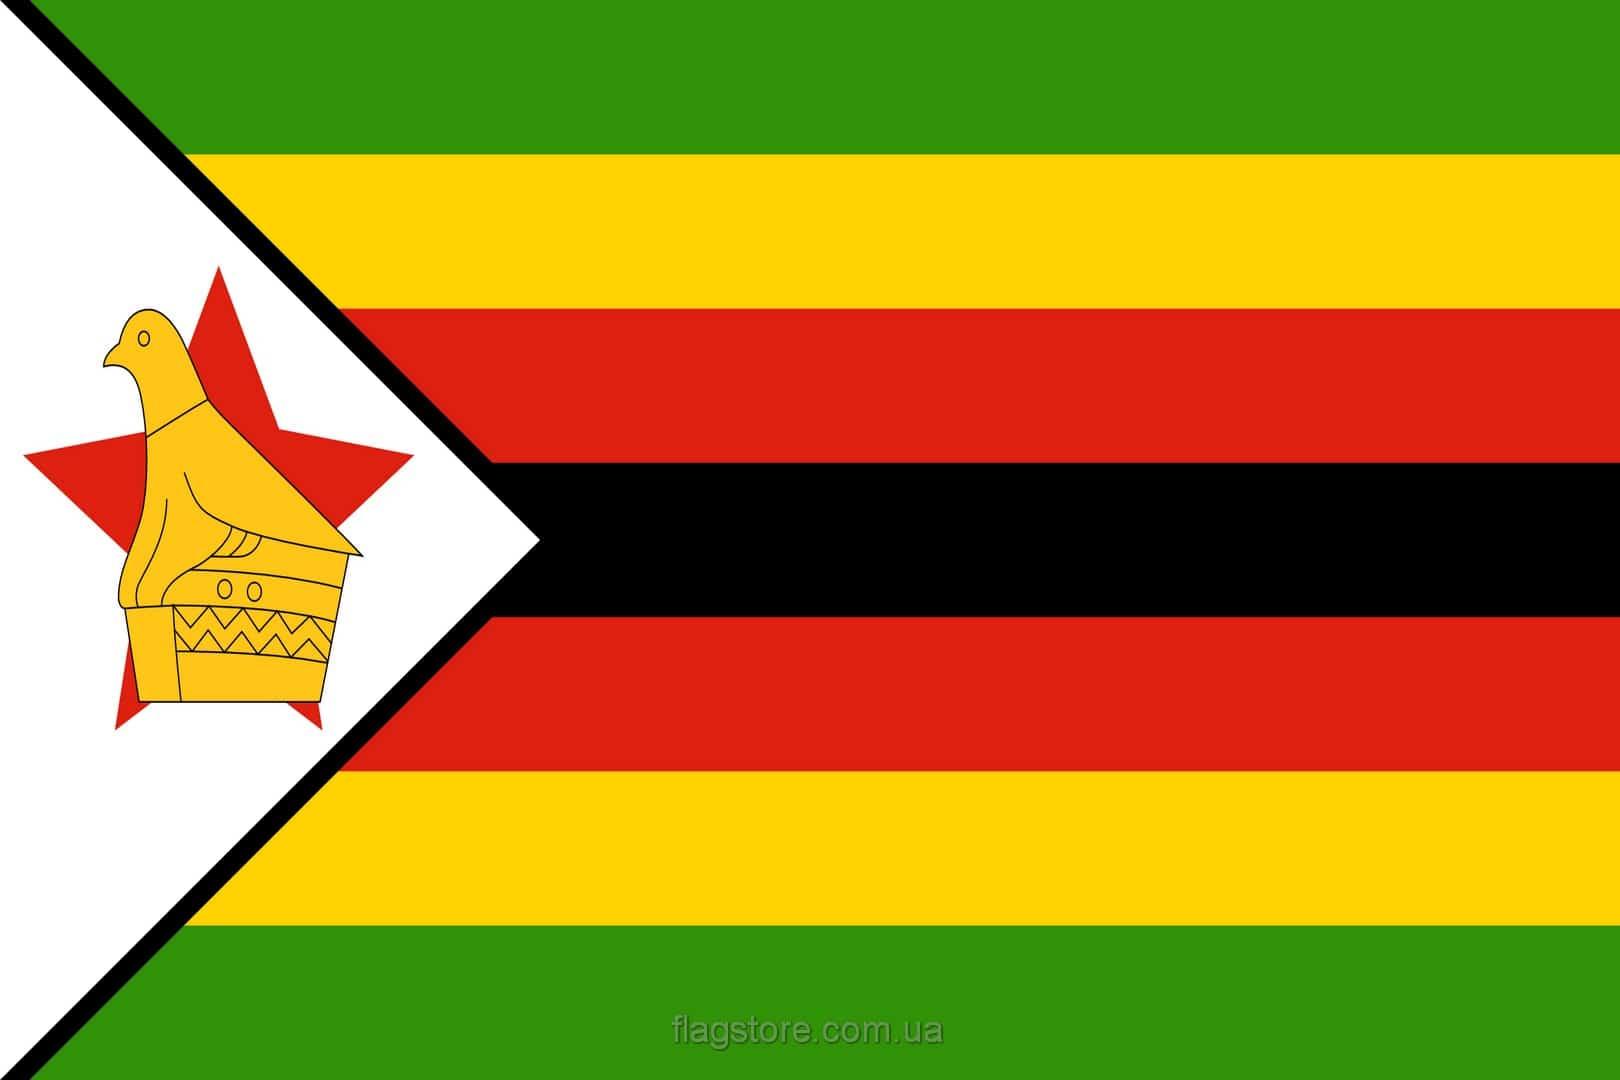 Купить флаг страны Зимбабве